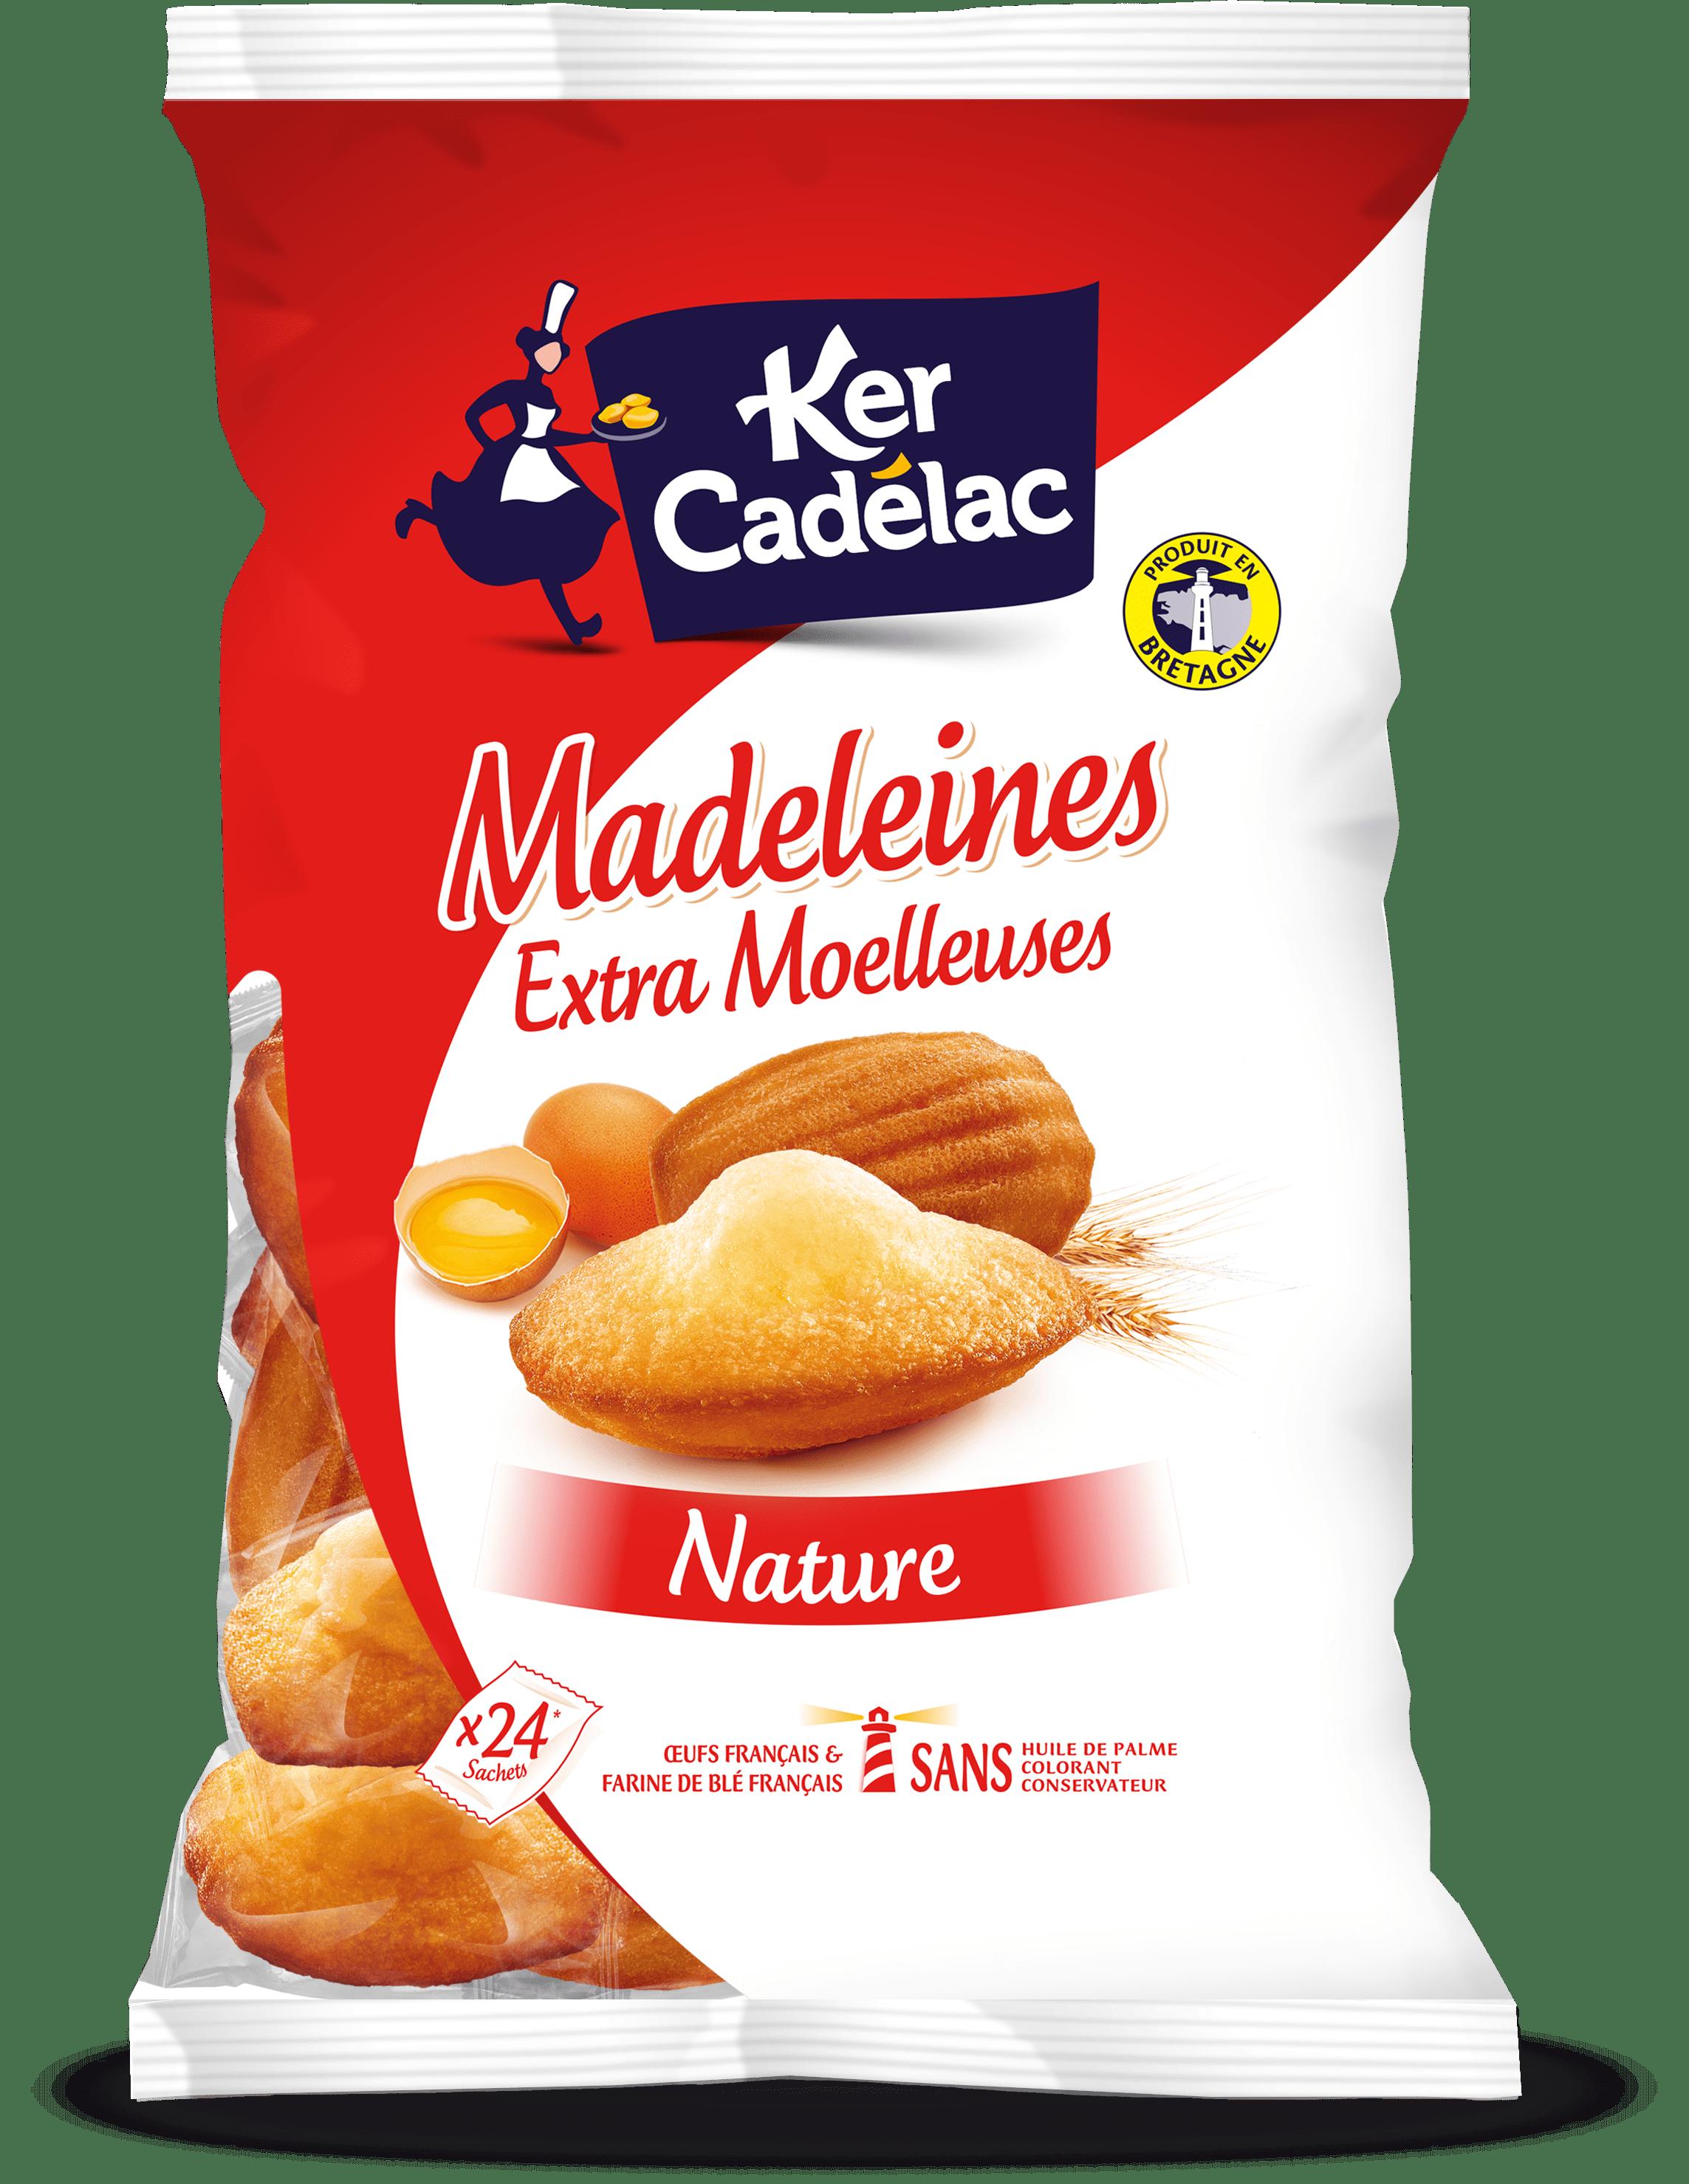 Madeleine Extra Moelleuse Nature   Ker Cadélac